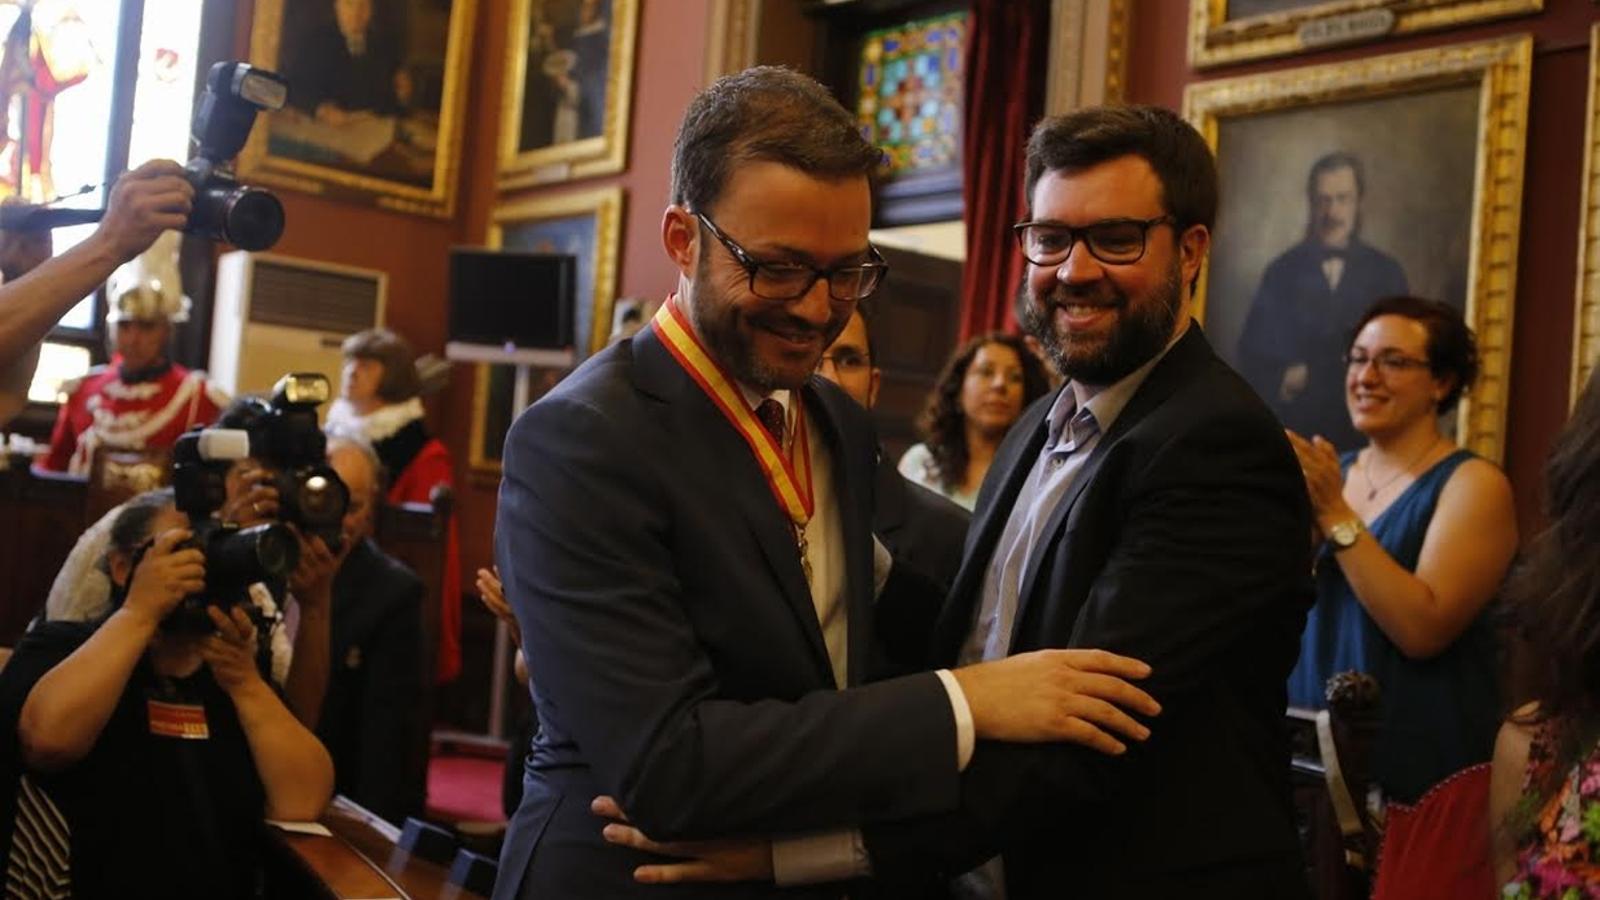 José Hila (PSIB), nou batle de Palma, saluda Antoni Noguera (MÉS), que assumirà la batlia d'aquí a dos anys